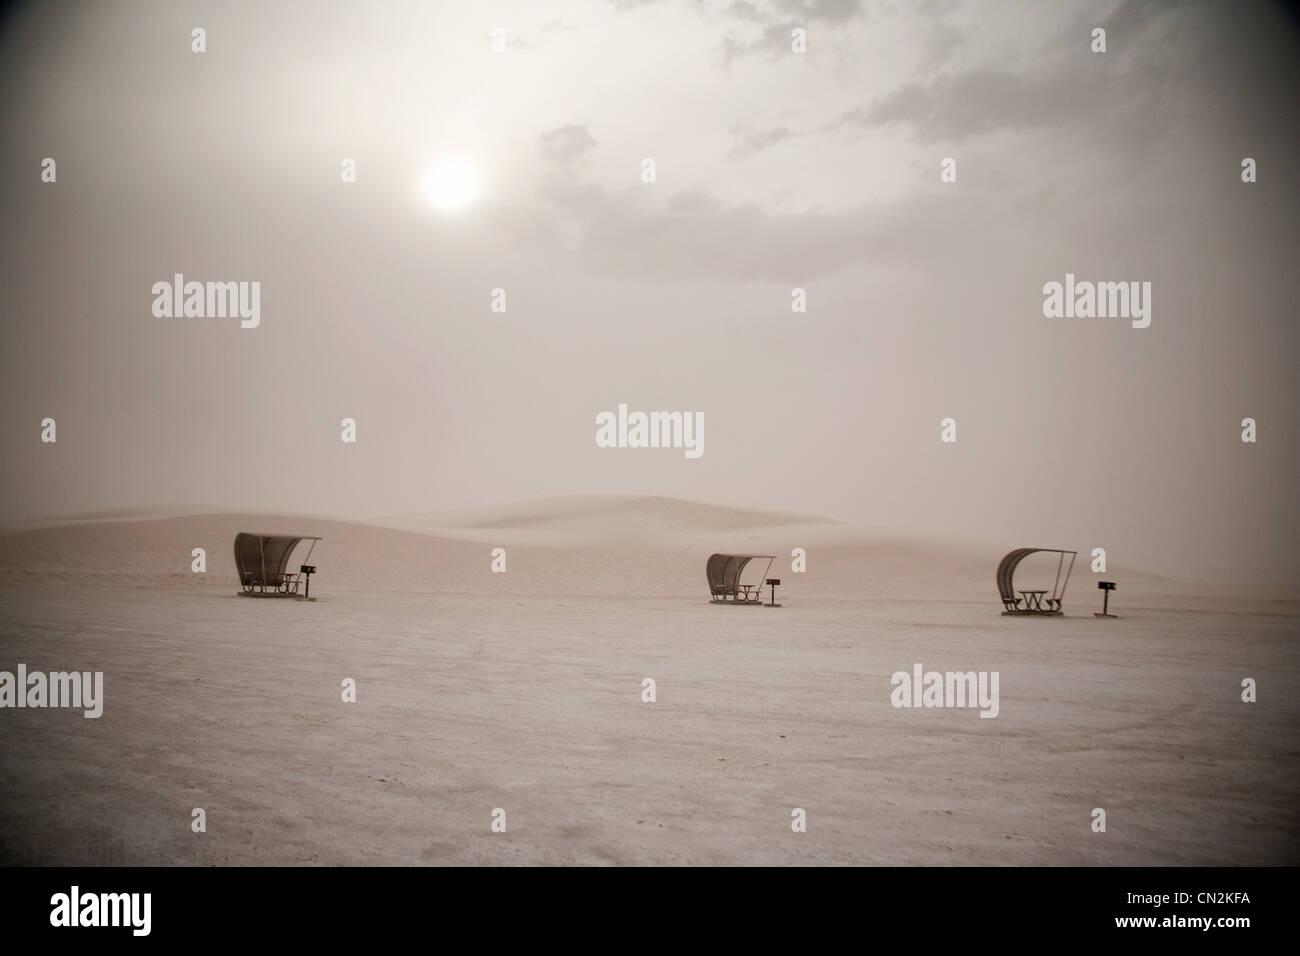 Tables de pique-nique dans la région de White Sands, Nouveau-Mexique, États-Unis Photo Stock